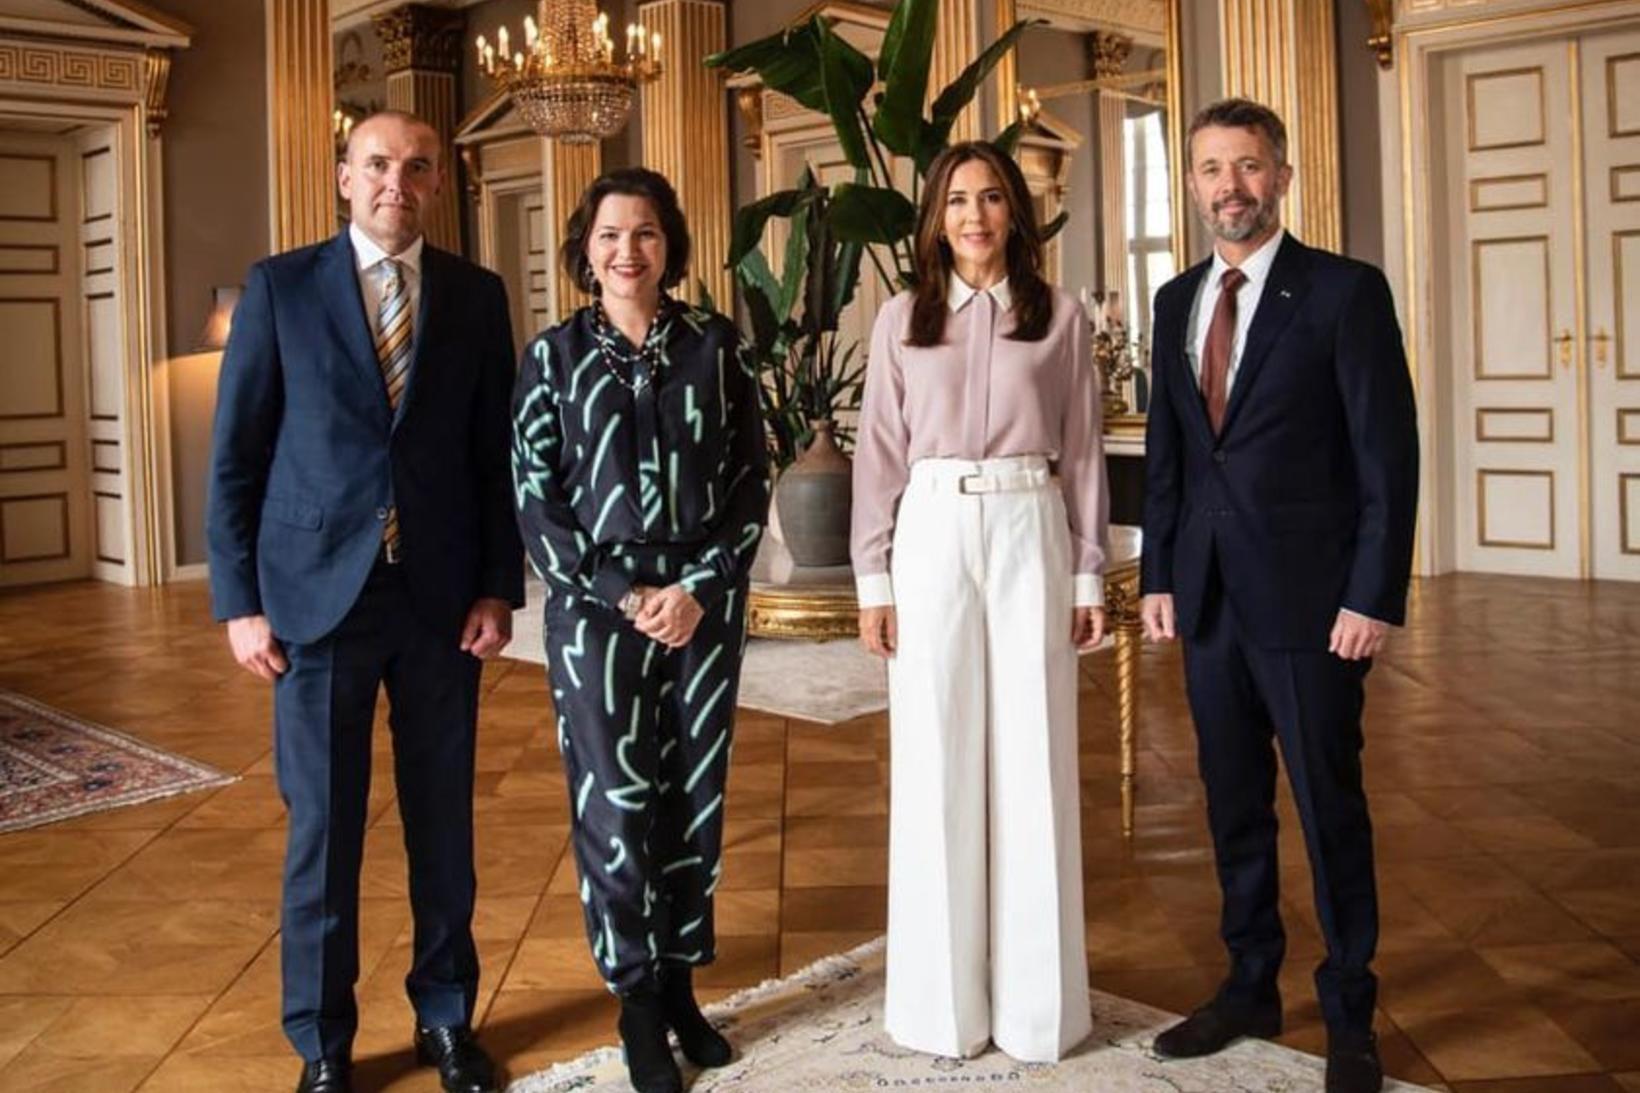 Guðni Th. Jóhannesson, Eliza Reid, Mary krónprinsessa og Friðrik krónprins …